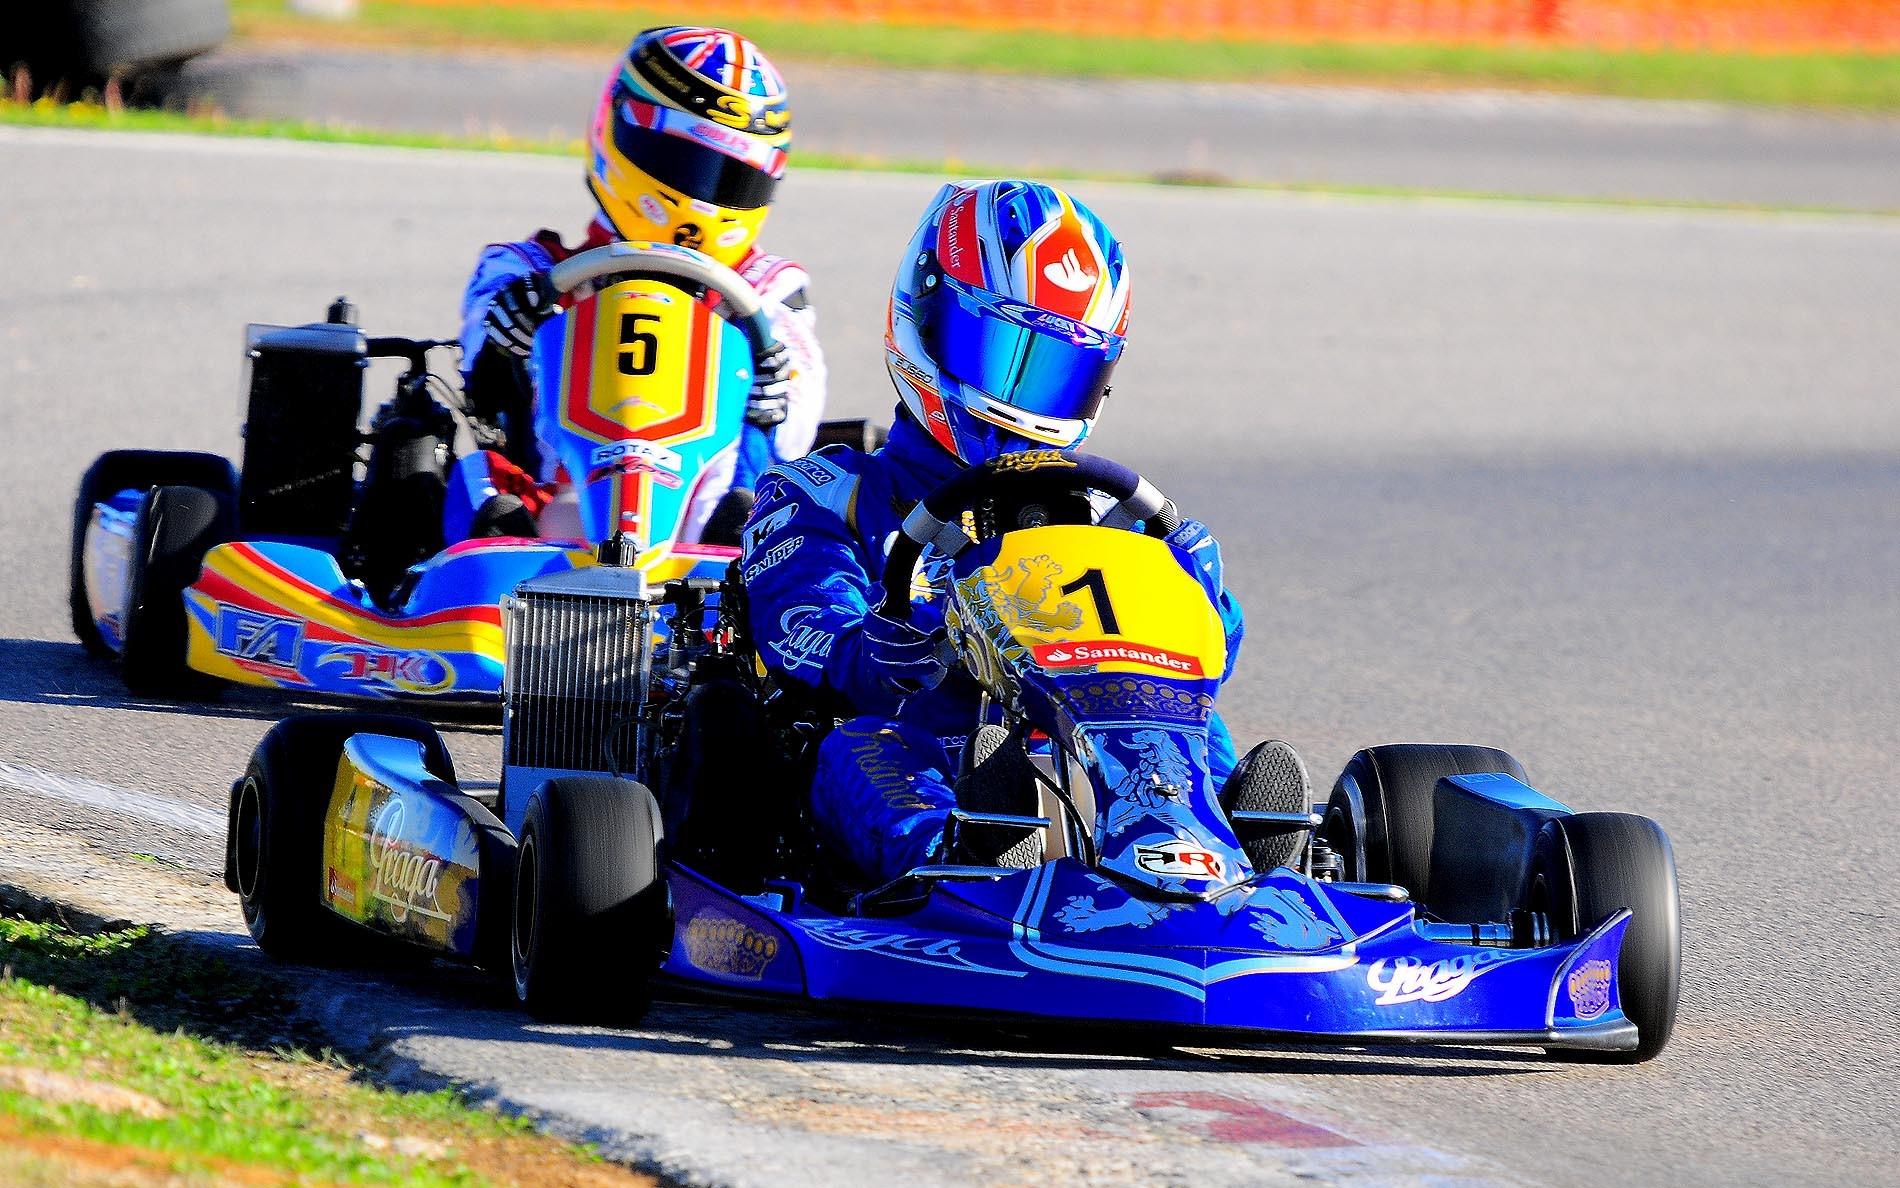 Eliseo Martinez factory pilot of Praga Kart Racing